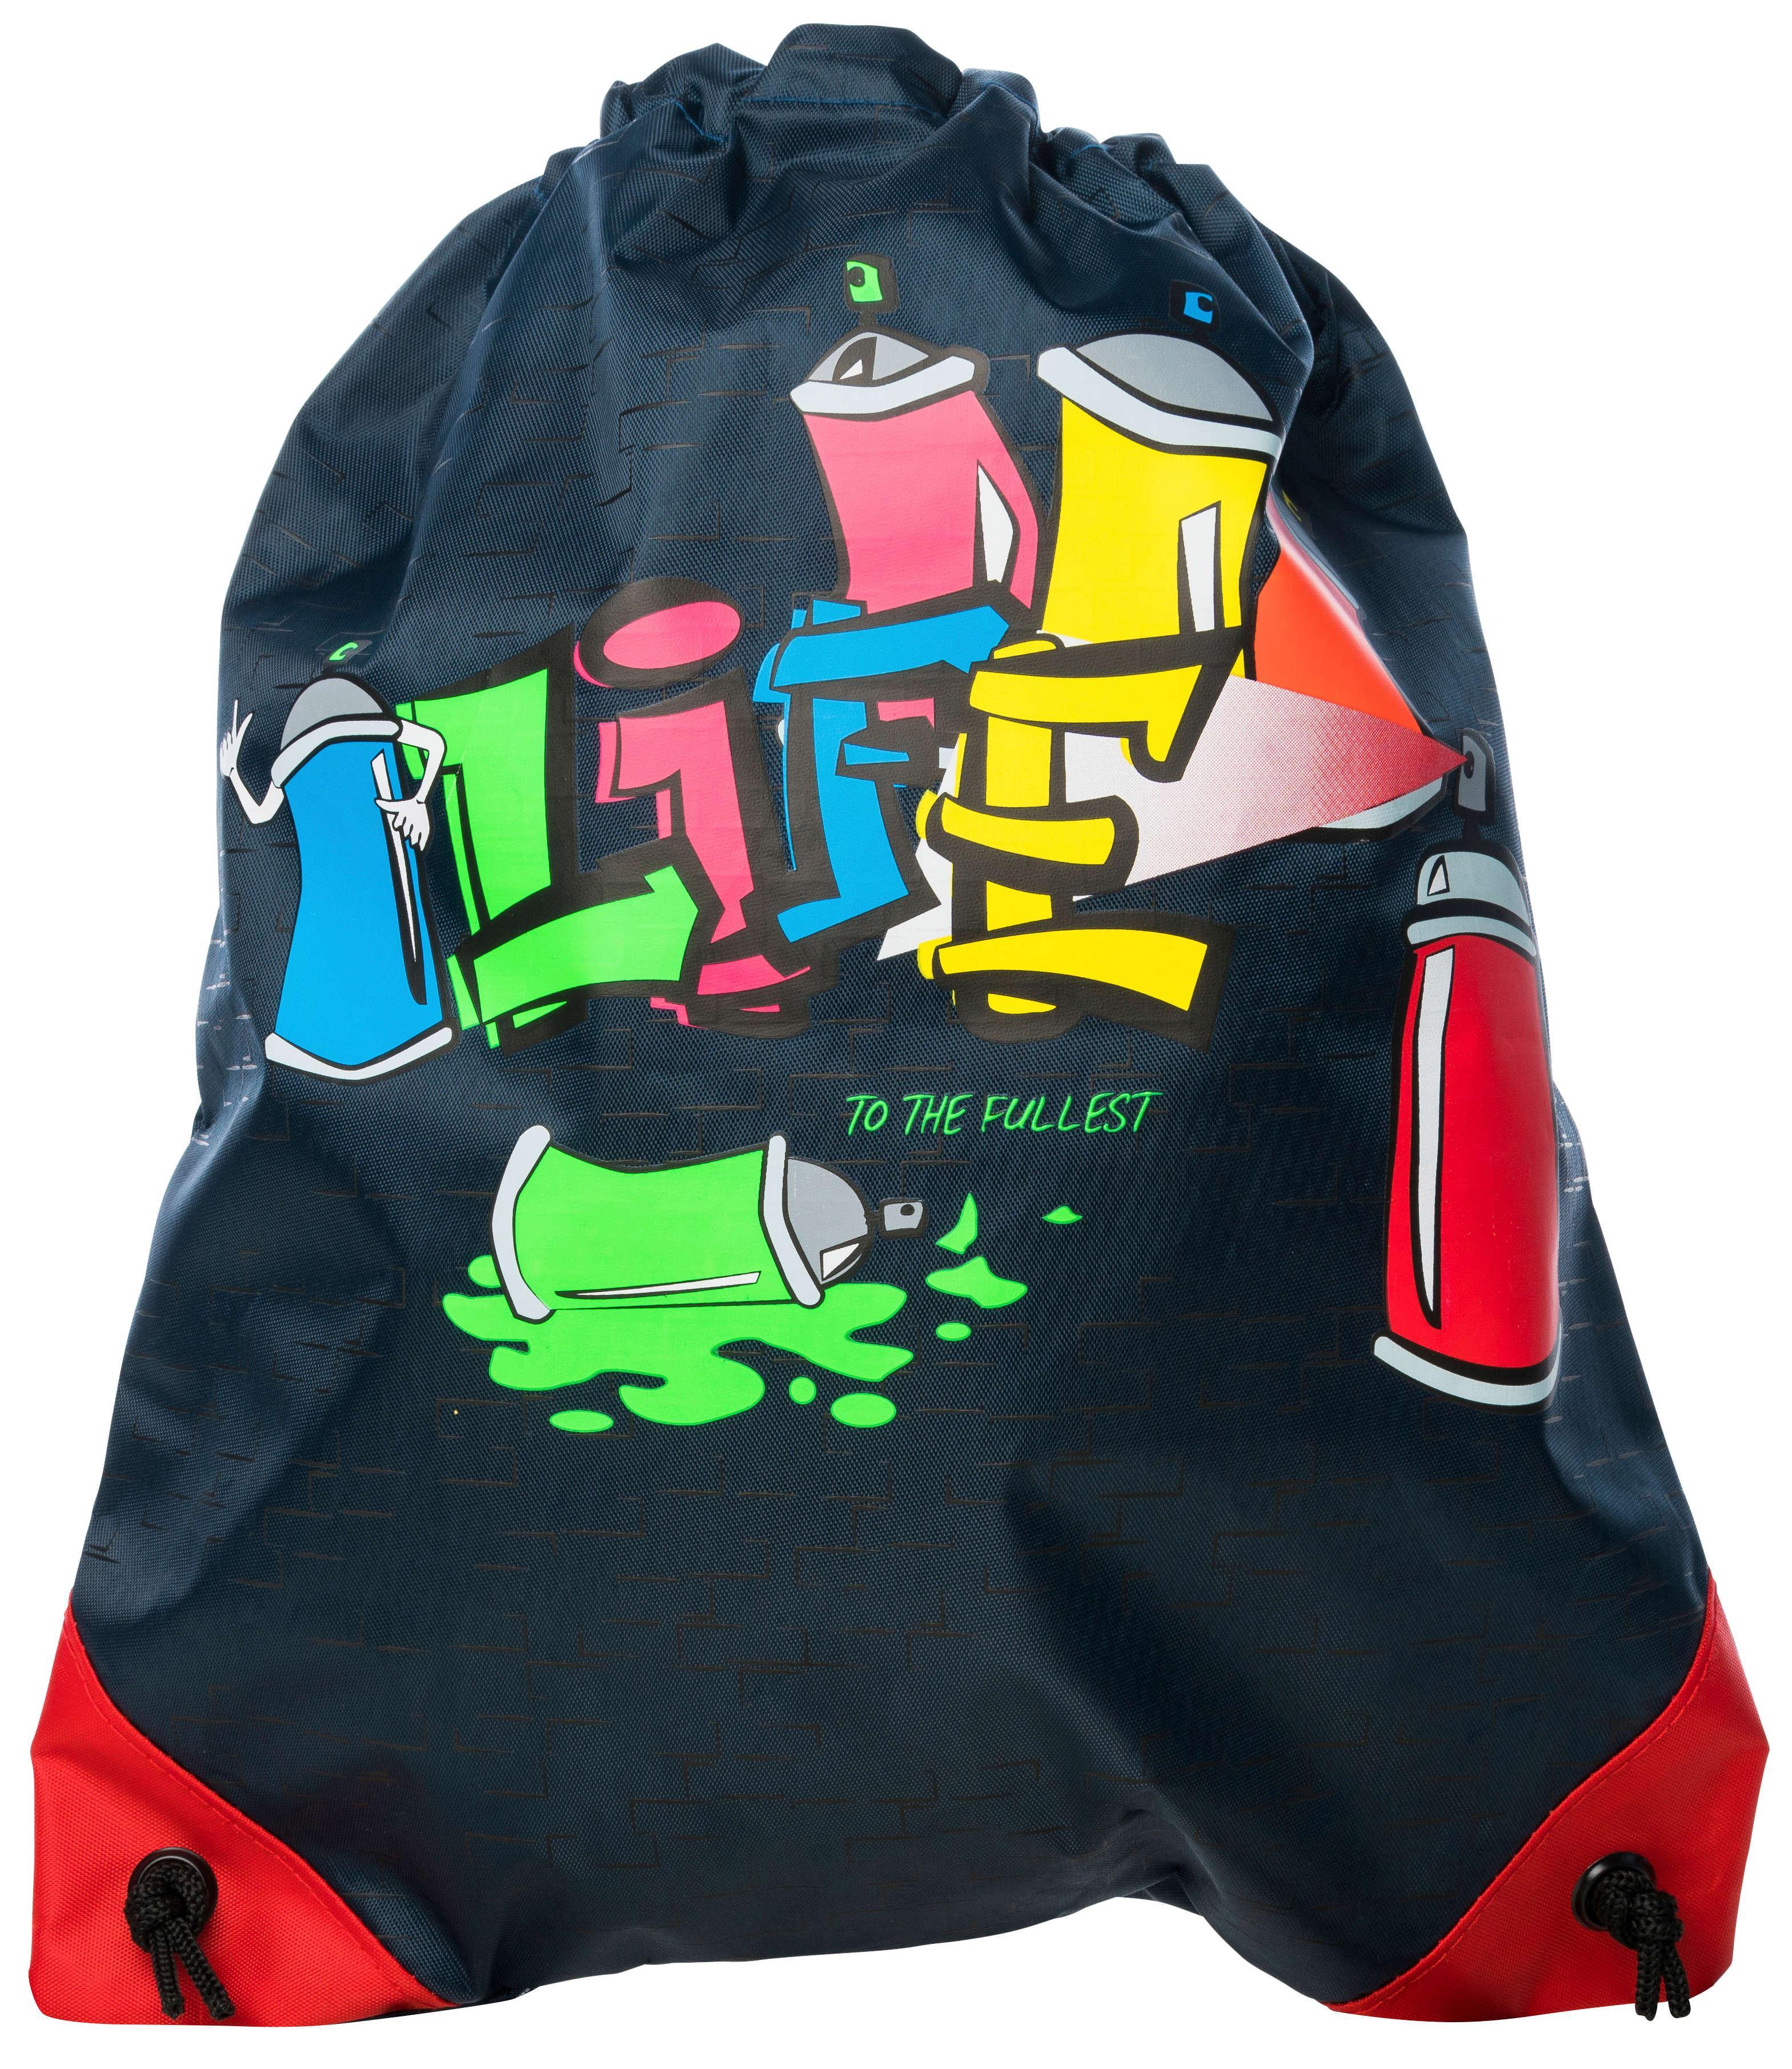 Gepäcktasche, Gepäckkorb 26189 WALSER 26189 in Original Qualität